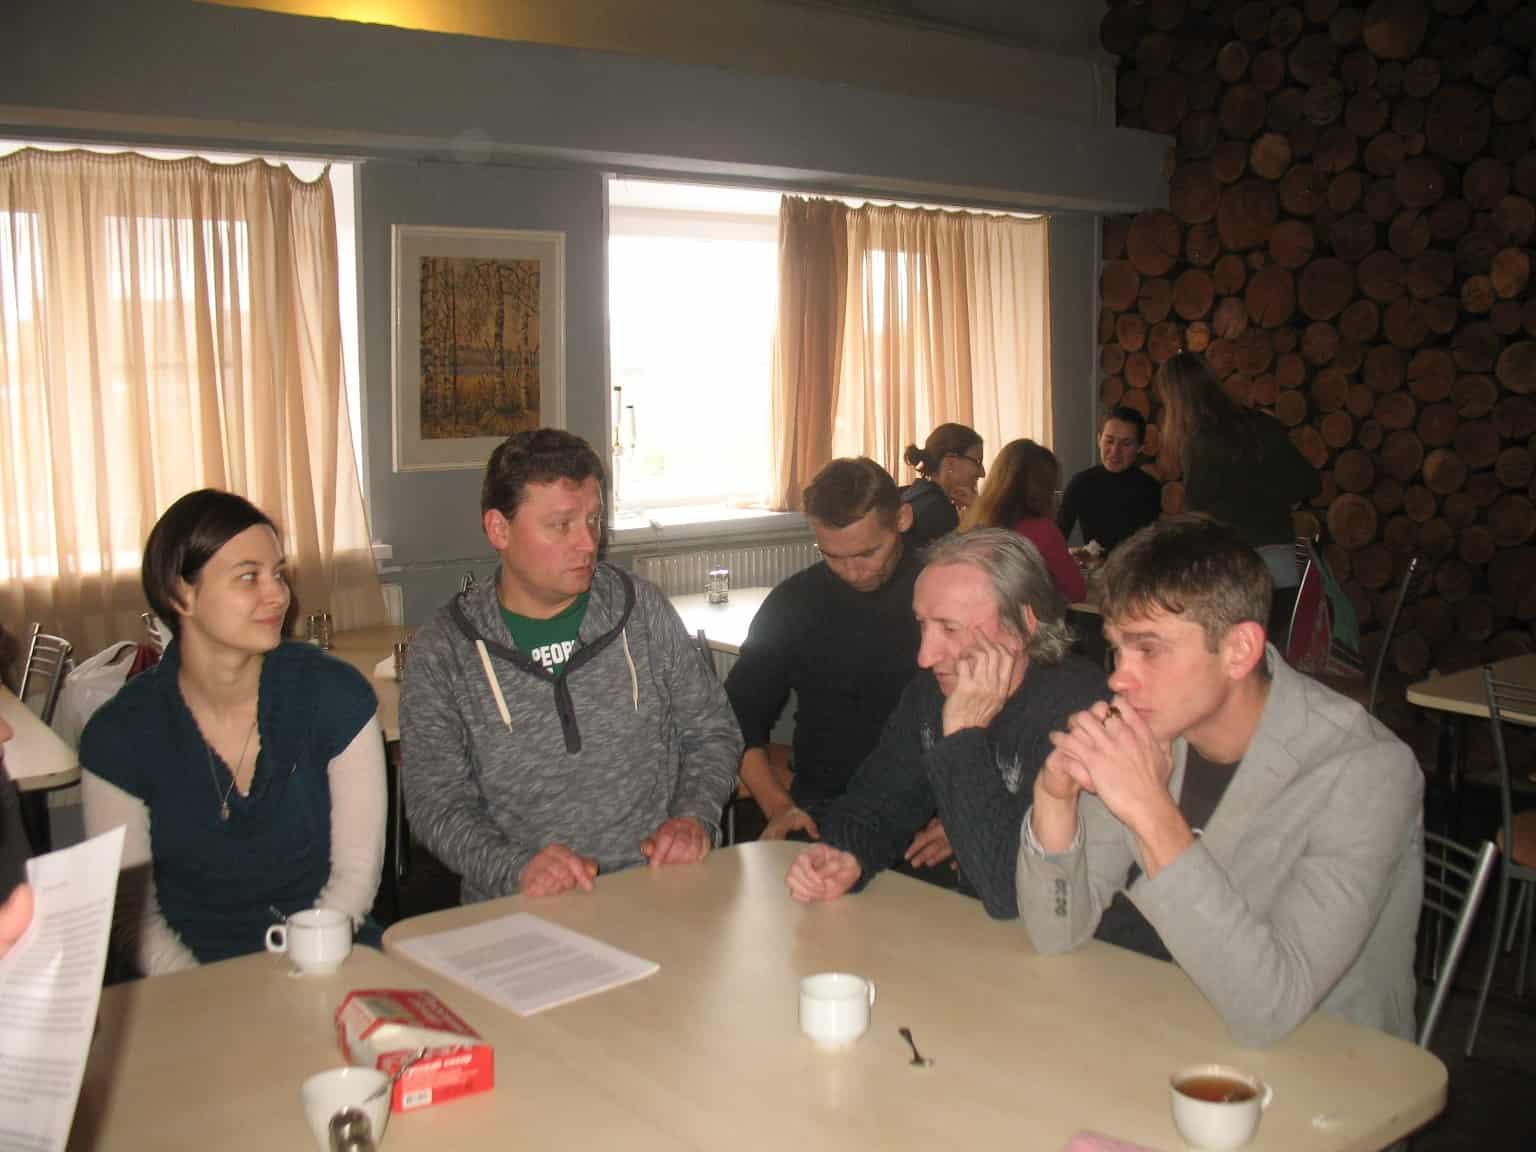 Слева направо: Елена Сапегина, Александр Картушин, Владимир Елымчев, Валерий Израэльсон и Владимир Весский